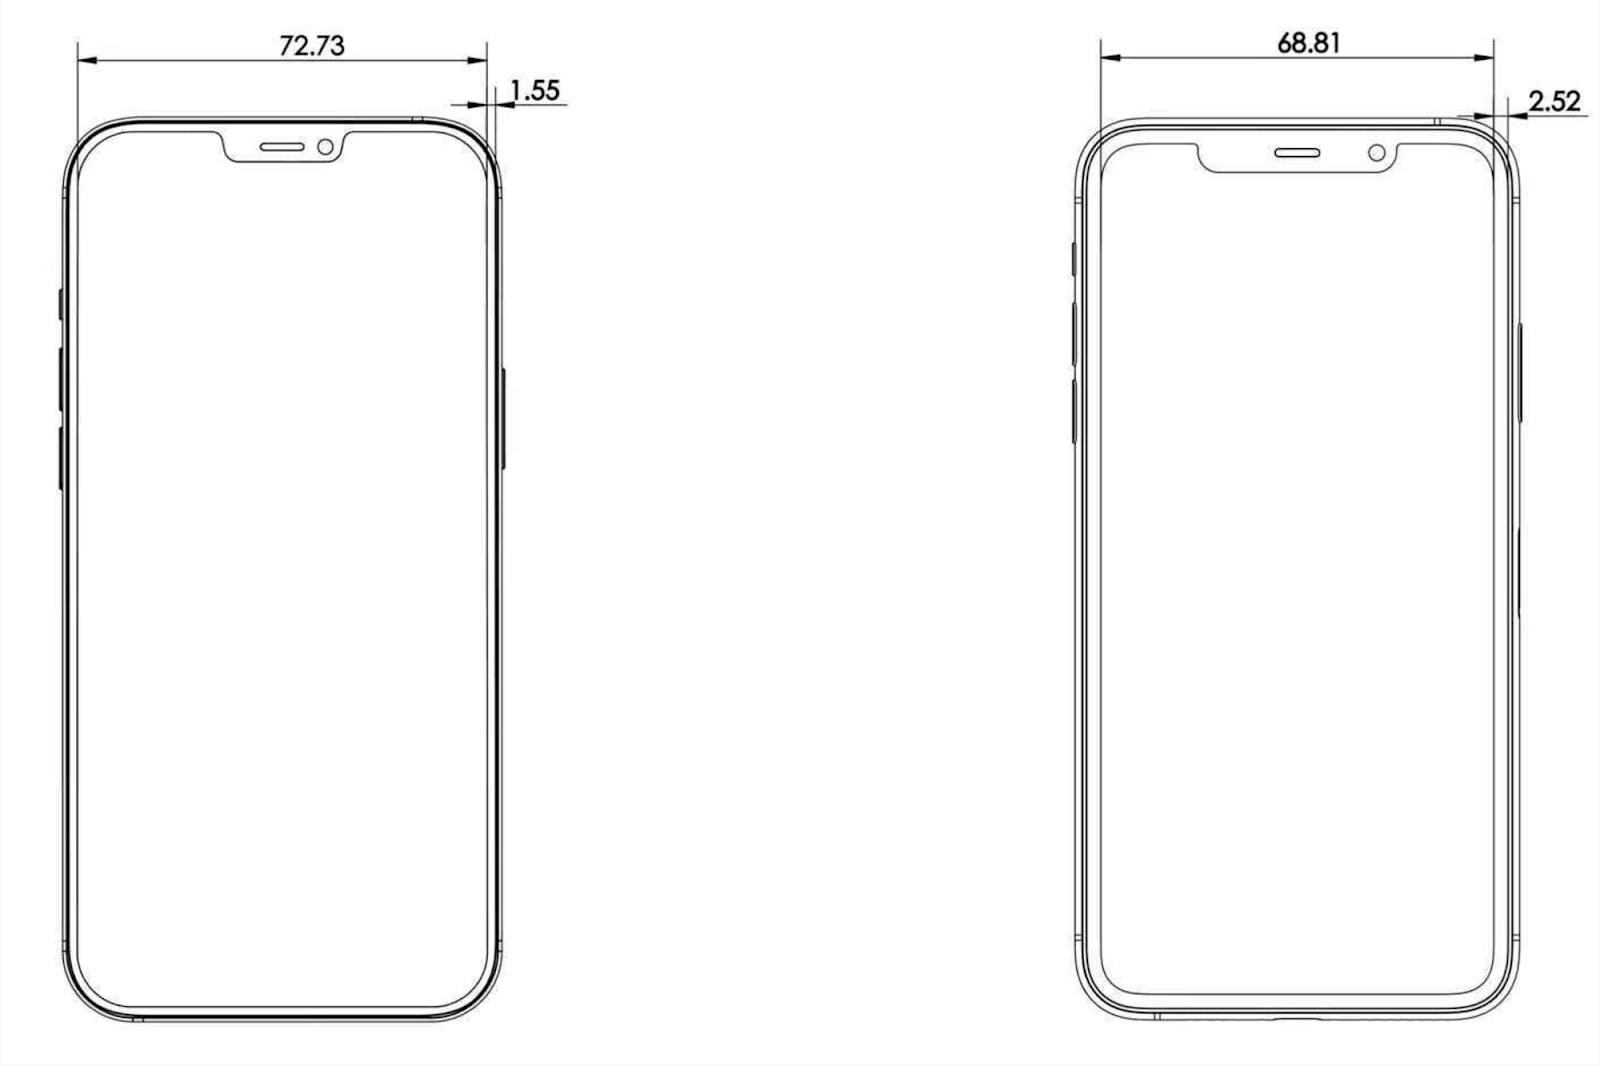 Mặt kính điện thoại iPhone 12